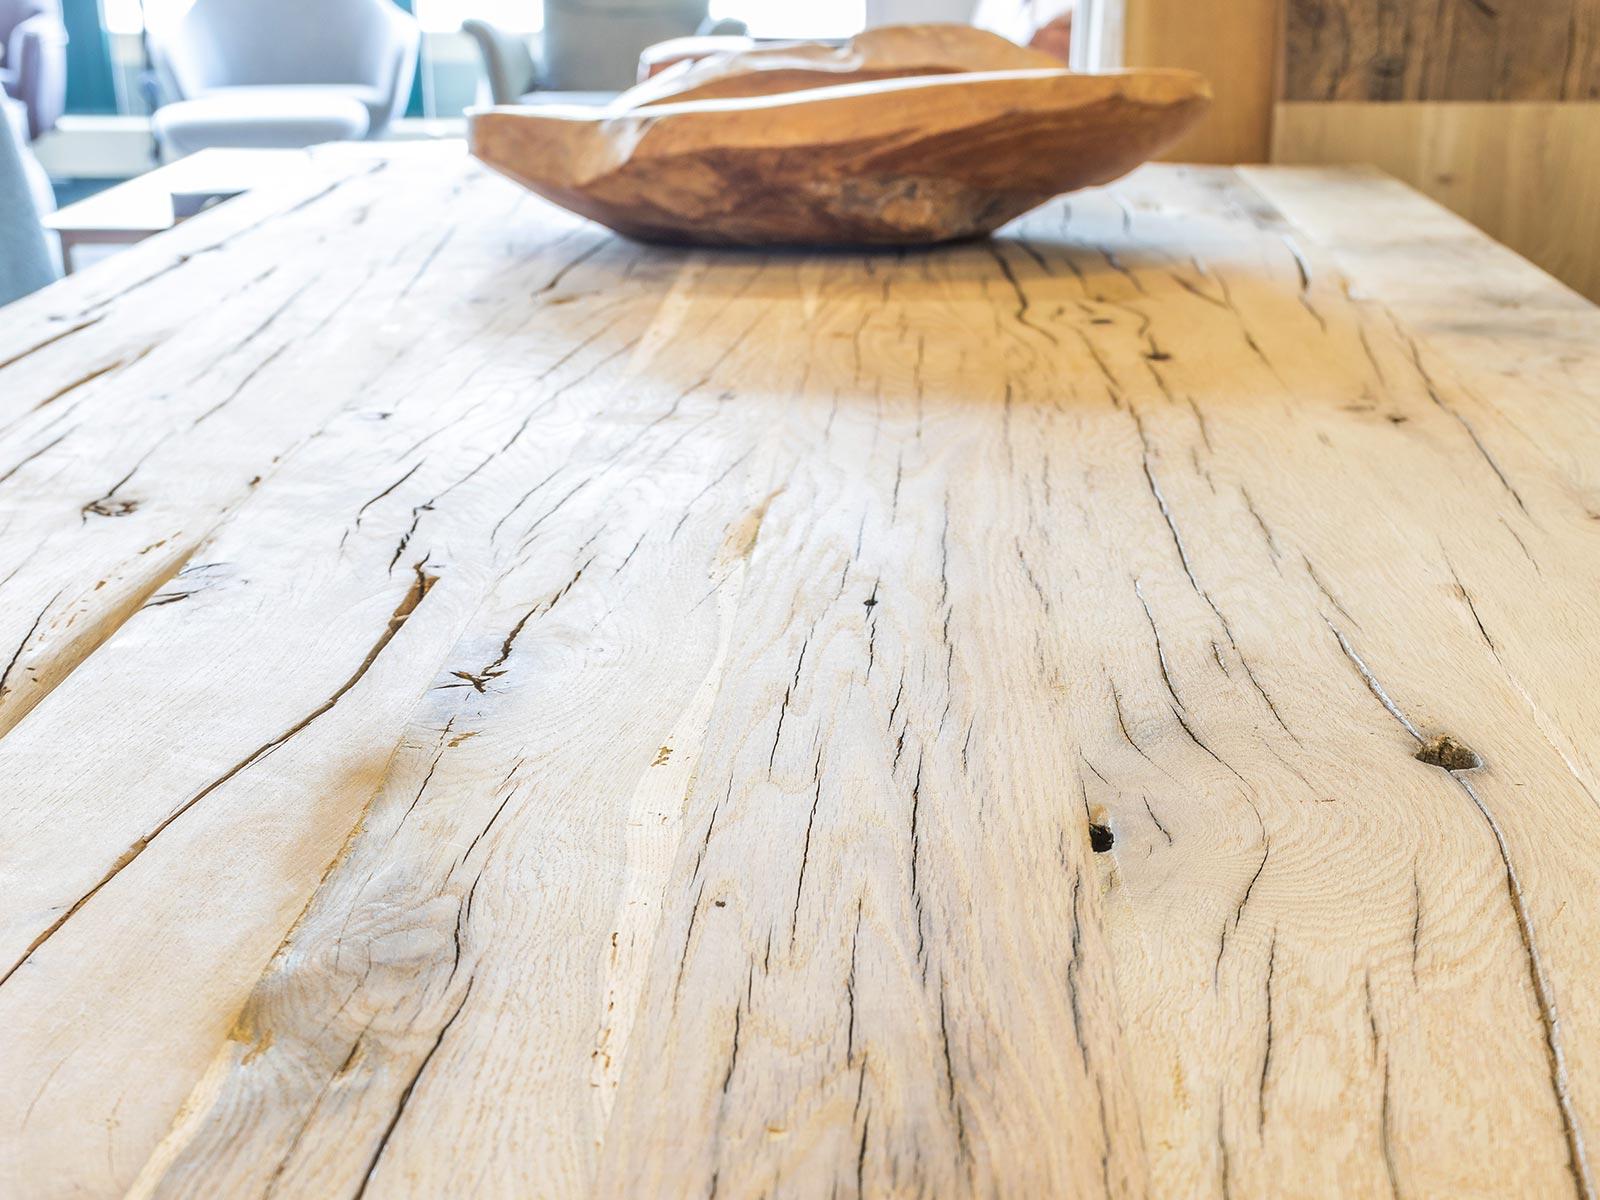 Tischplatten aus edlem Holz - wir fertigen auf Maß!